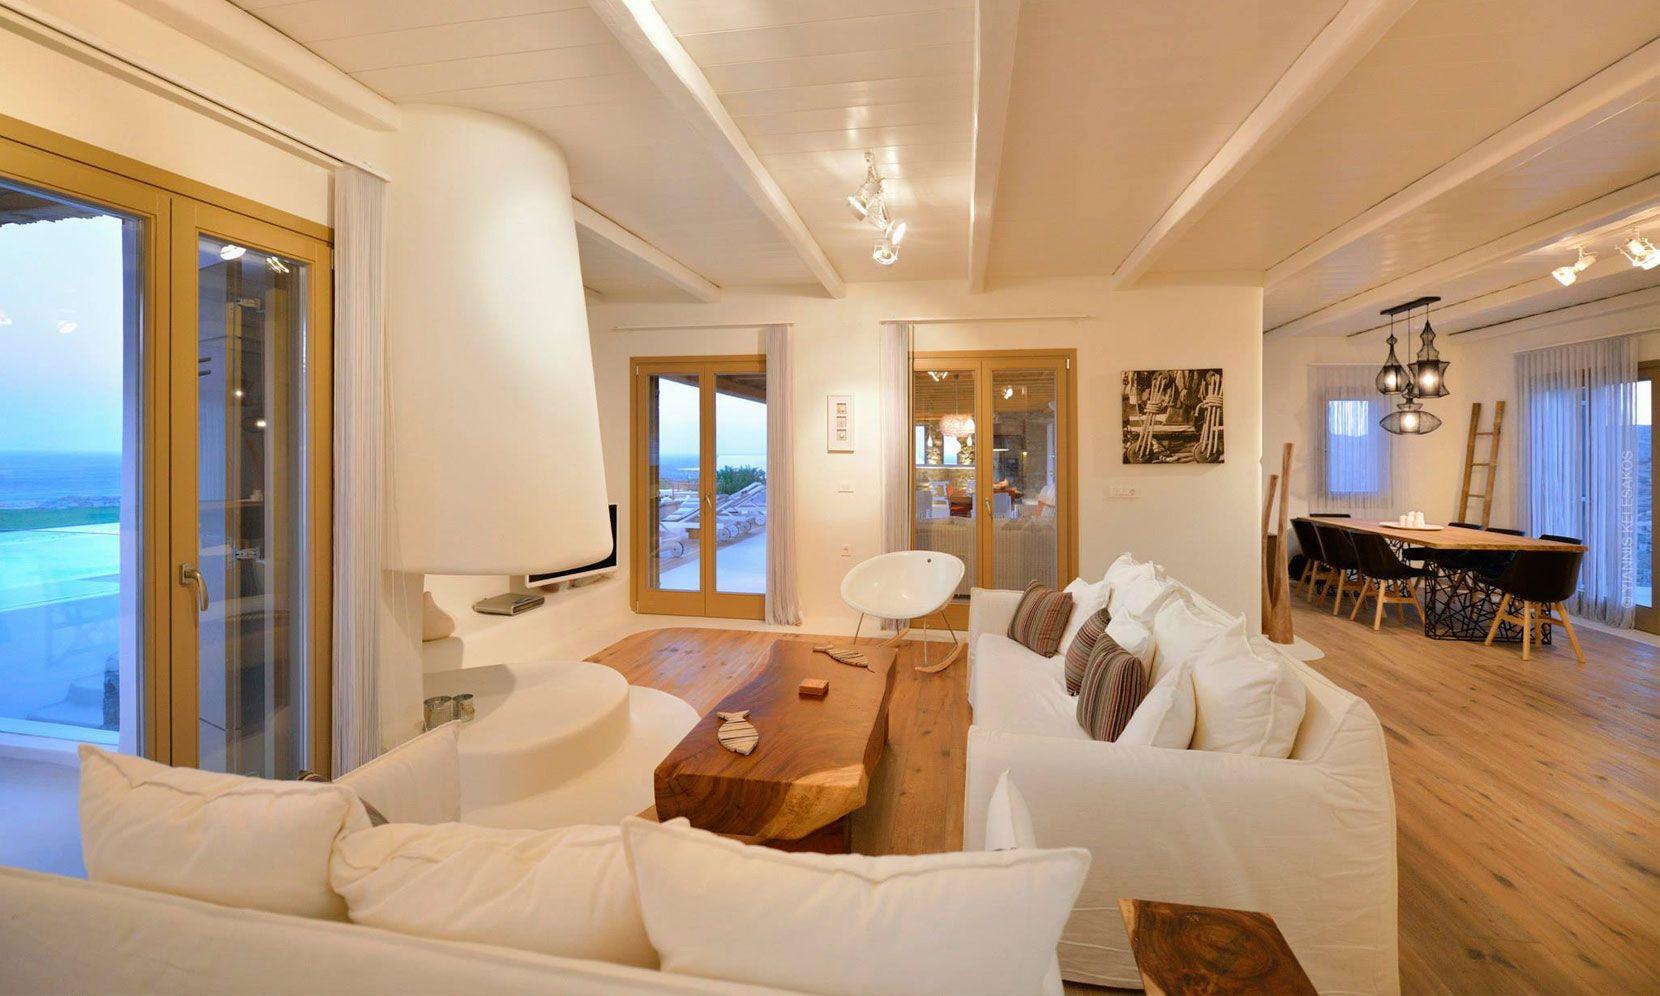 villa lucio mykonos lounge